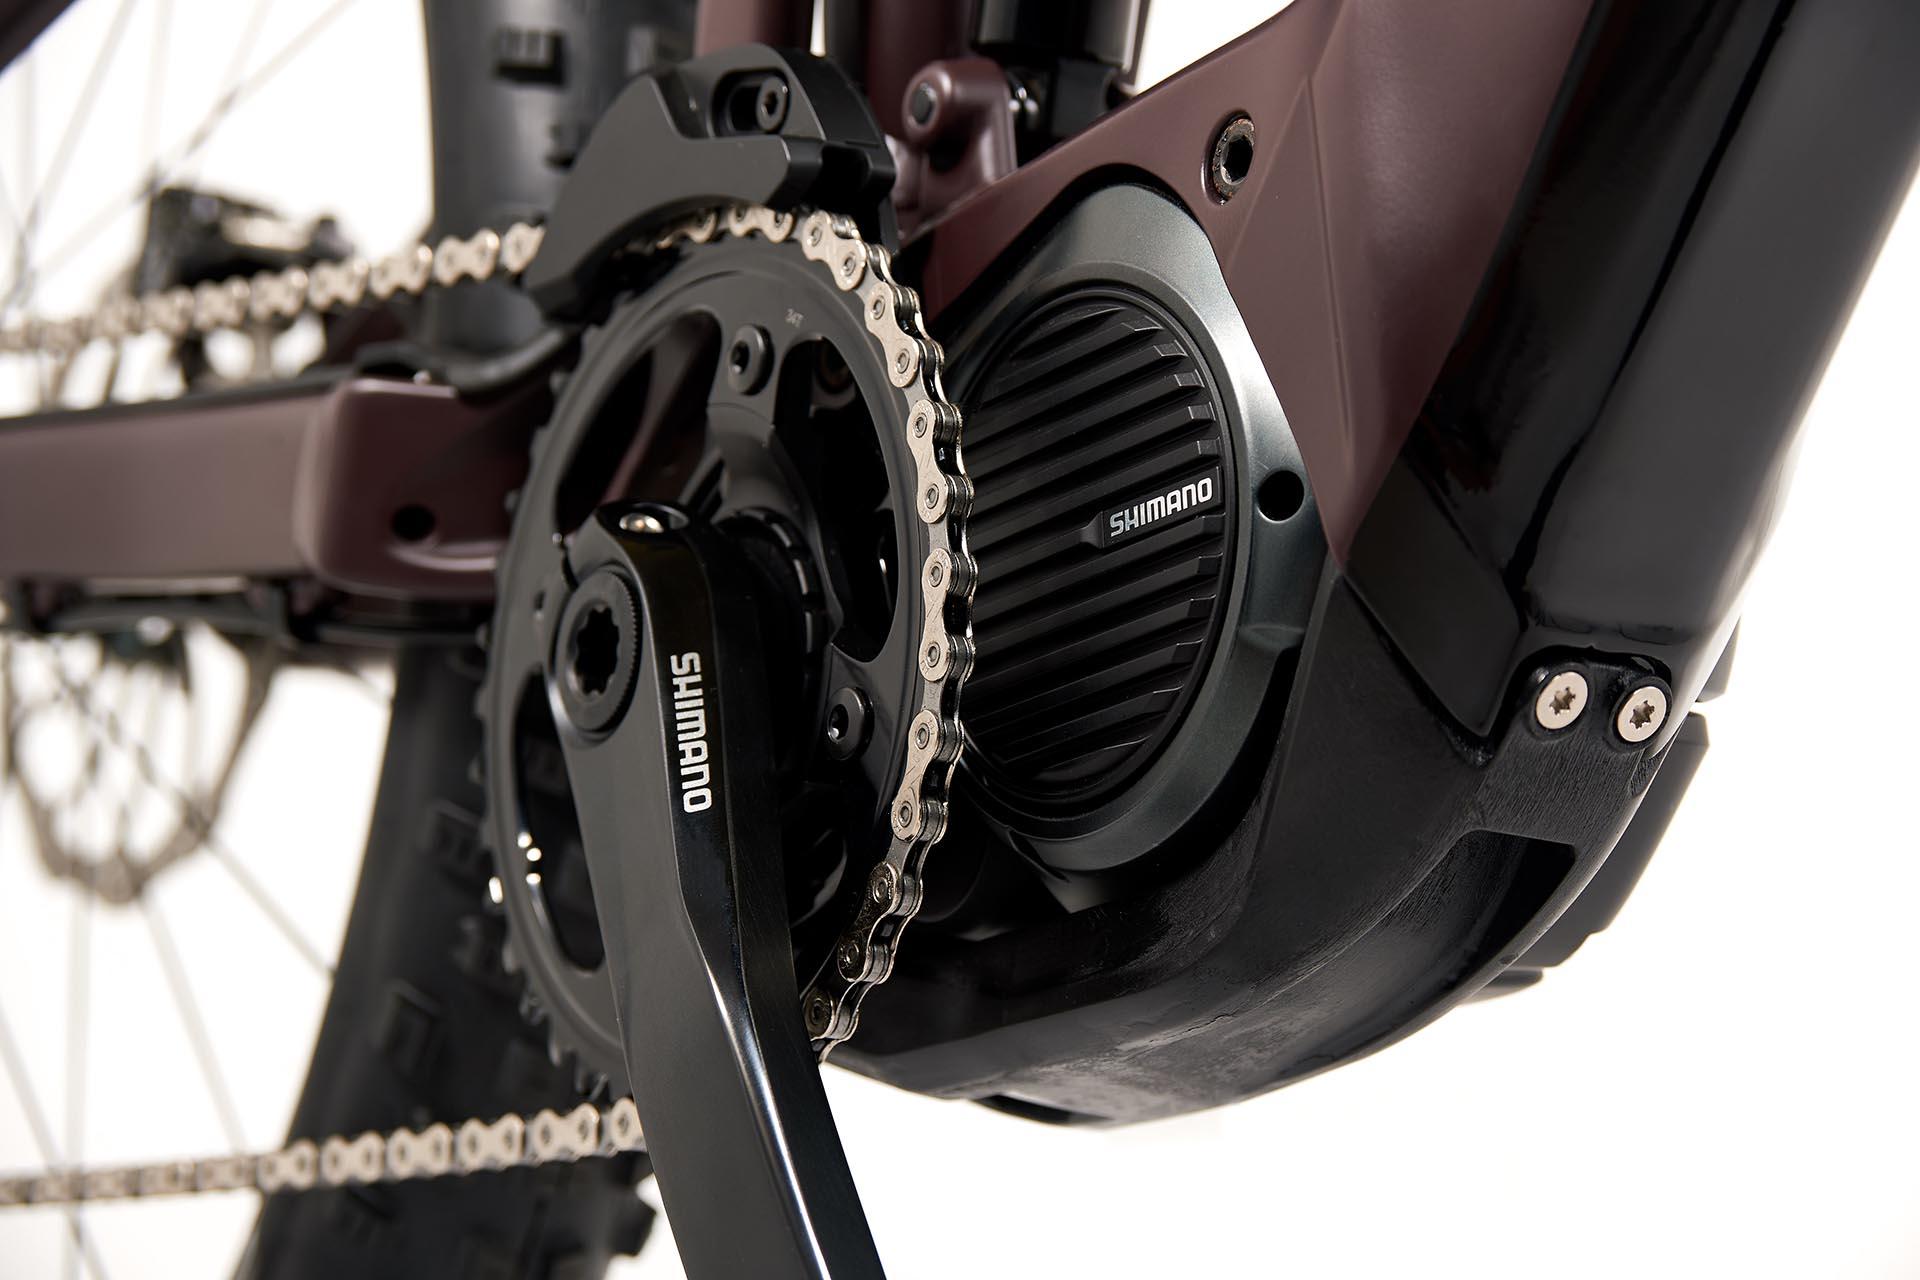 Was E-Bikes alles können? Besuchen Sie die Radstation am Lindauer Elektromobilitätstag und finden Sie es heraus.